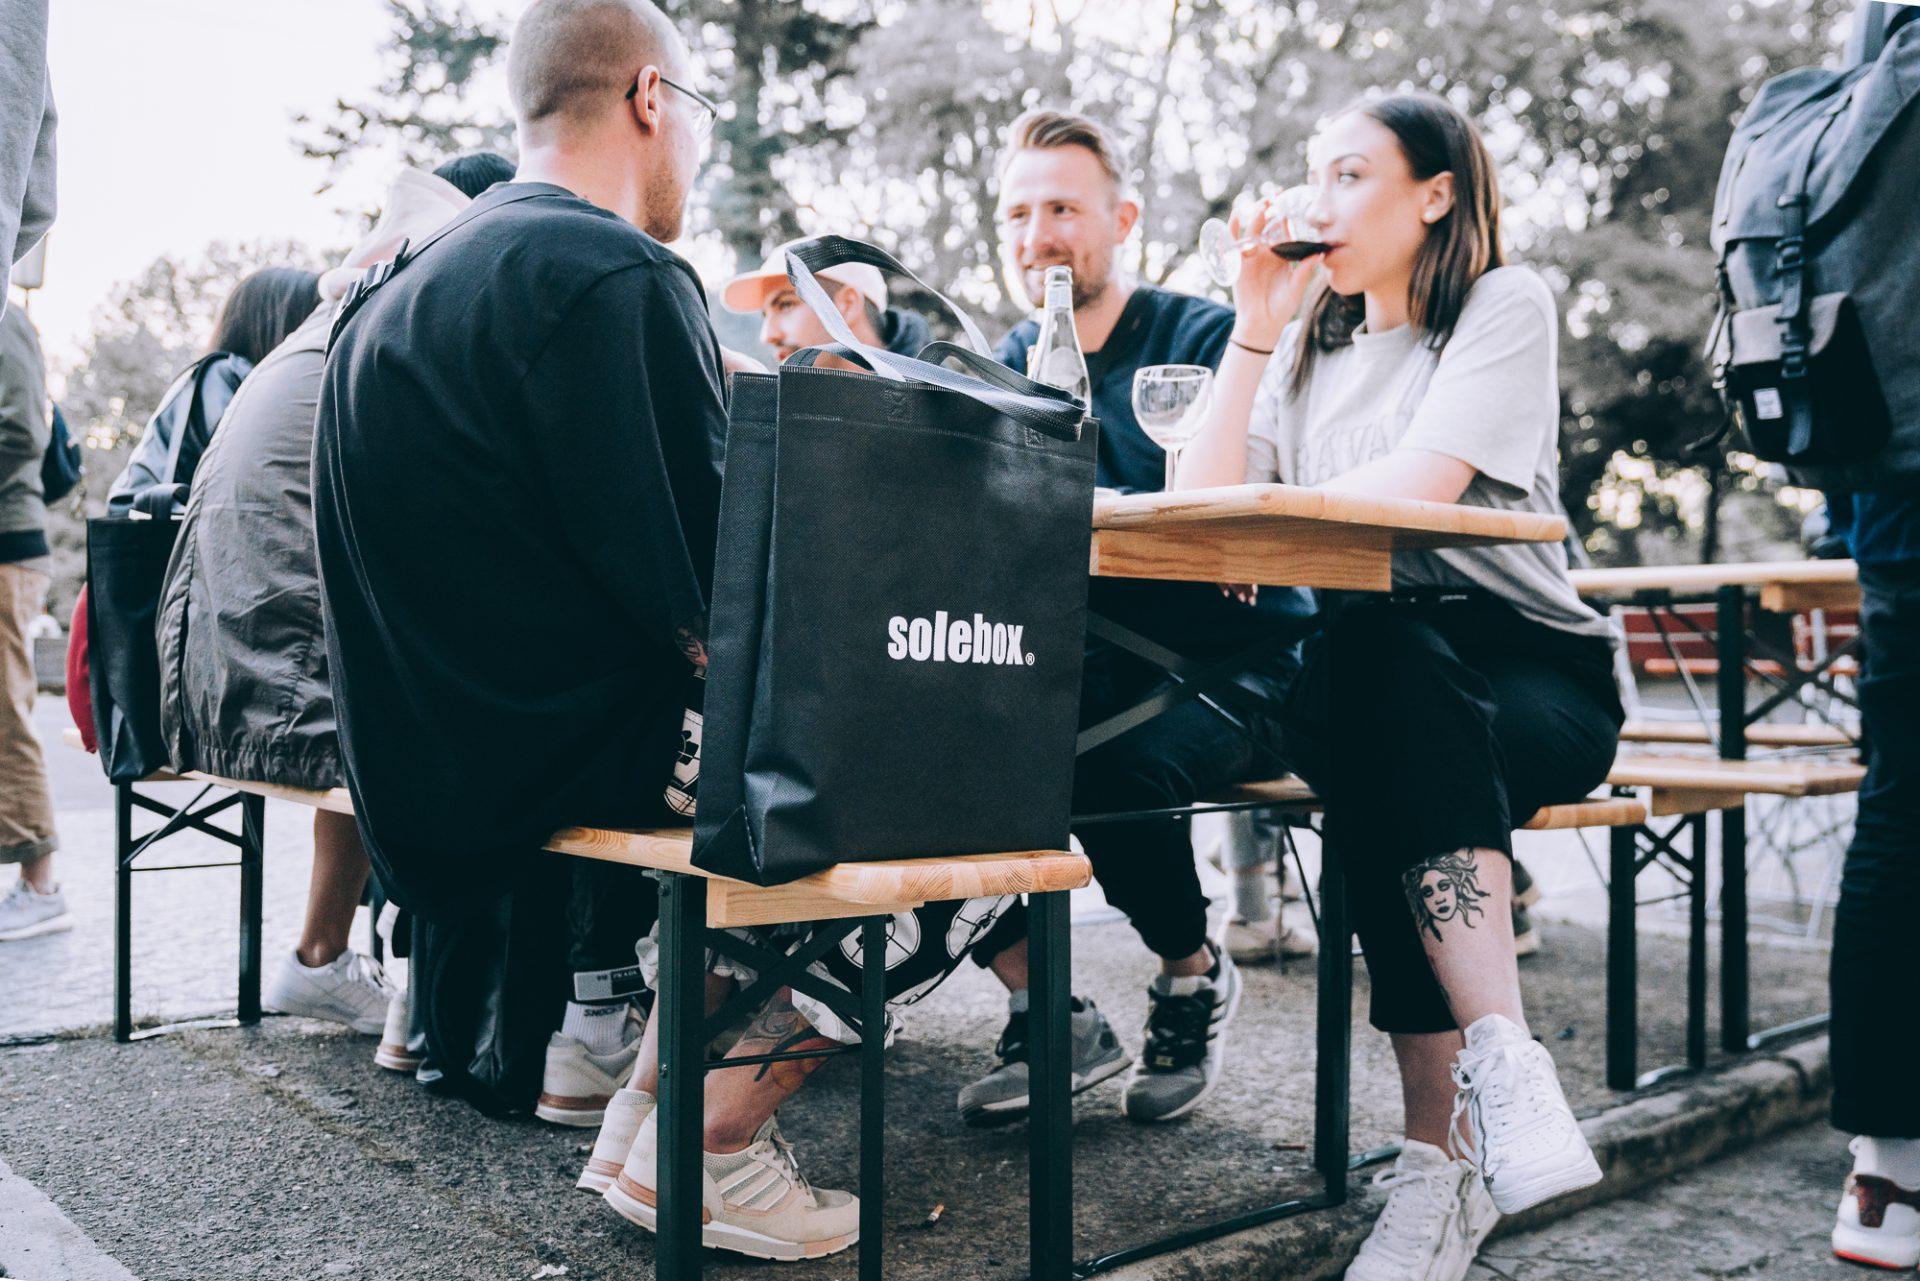 Masaccio conversión Parecer  adidas Consortium x solebox – »ITALIAN LEATHERS PACK«- Recap of our Launch  Event - solebox Blog